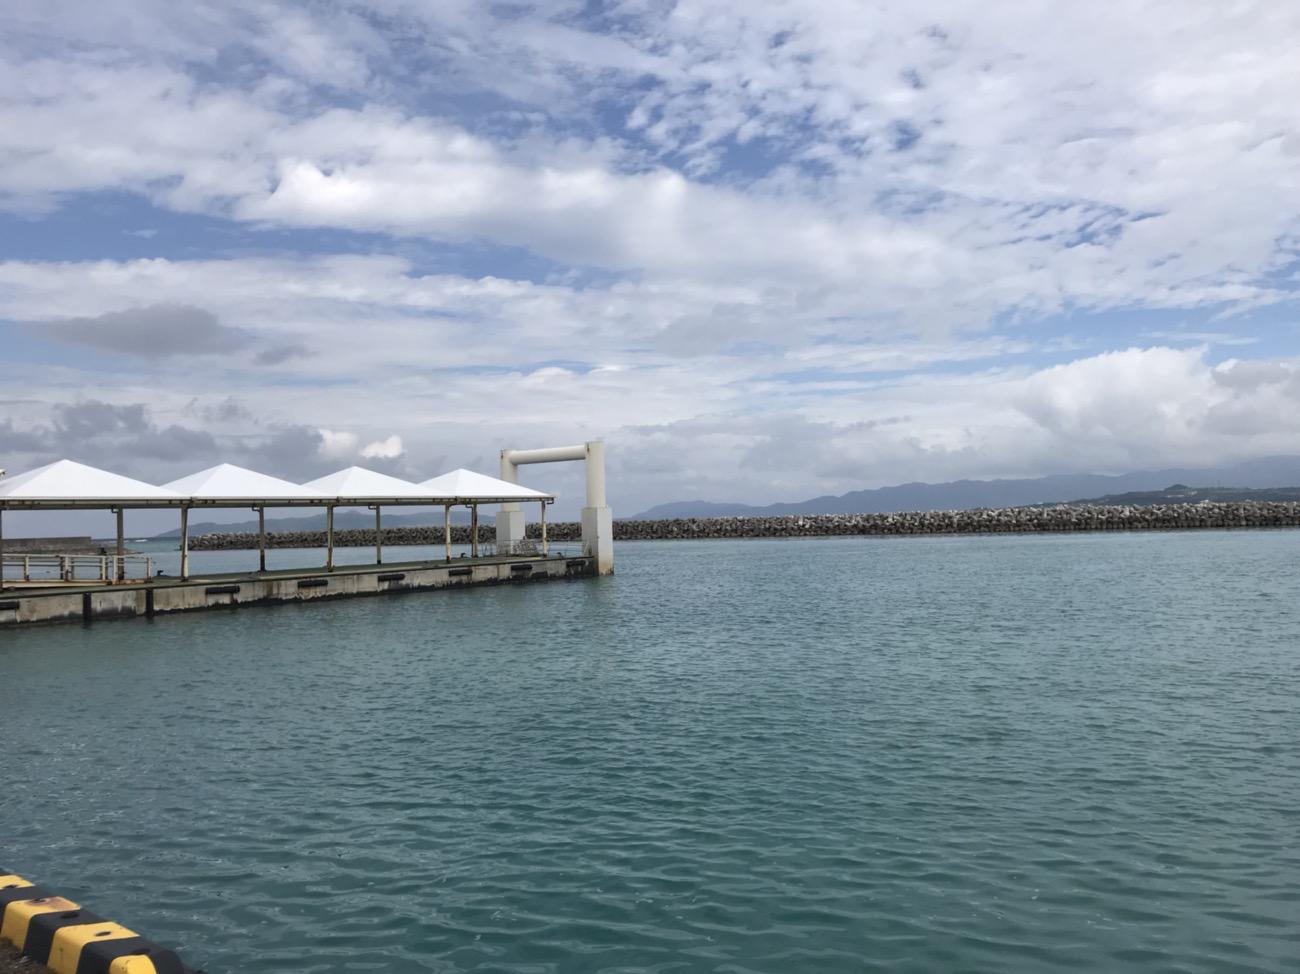 石垣島から竹富島へのアクセス 竹富島観光 竹富島ターミナル